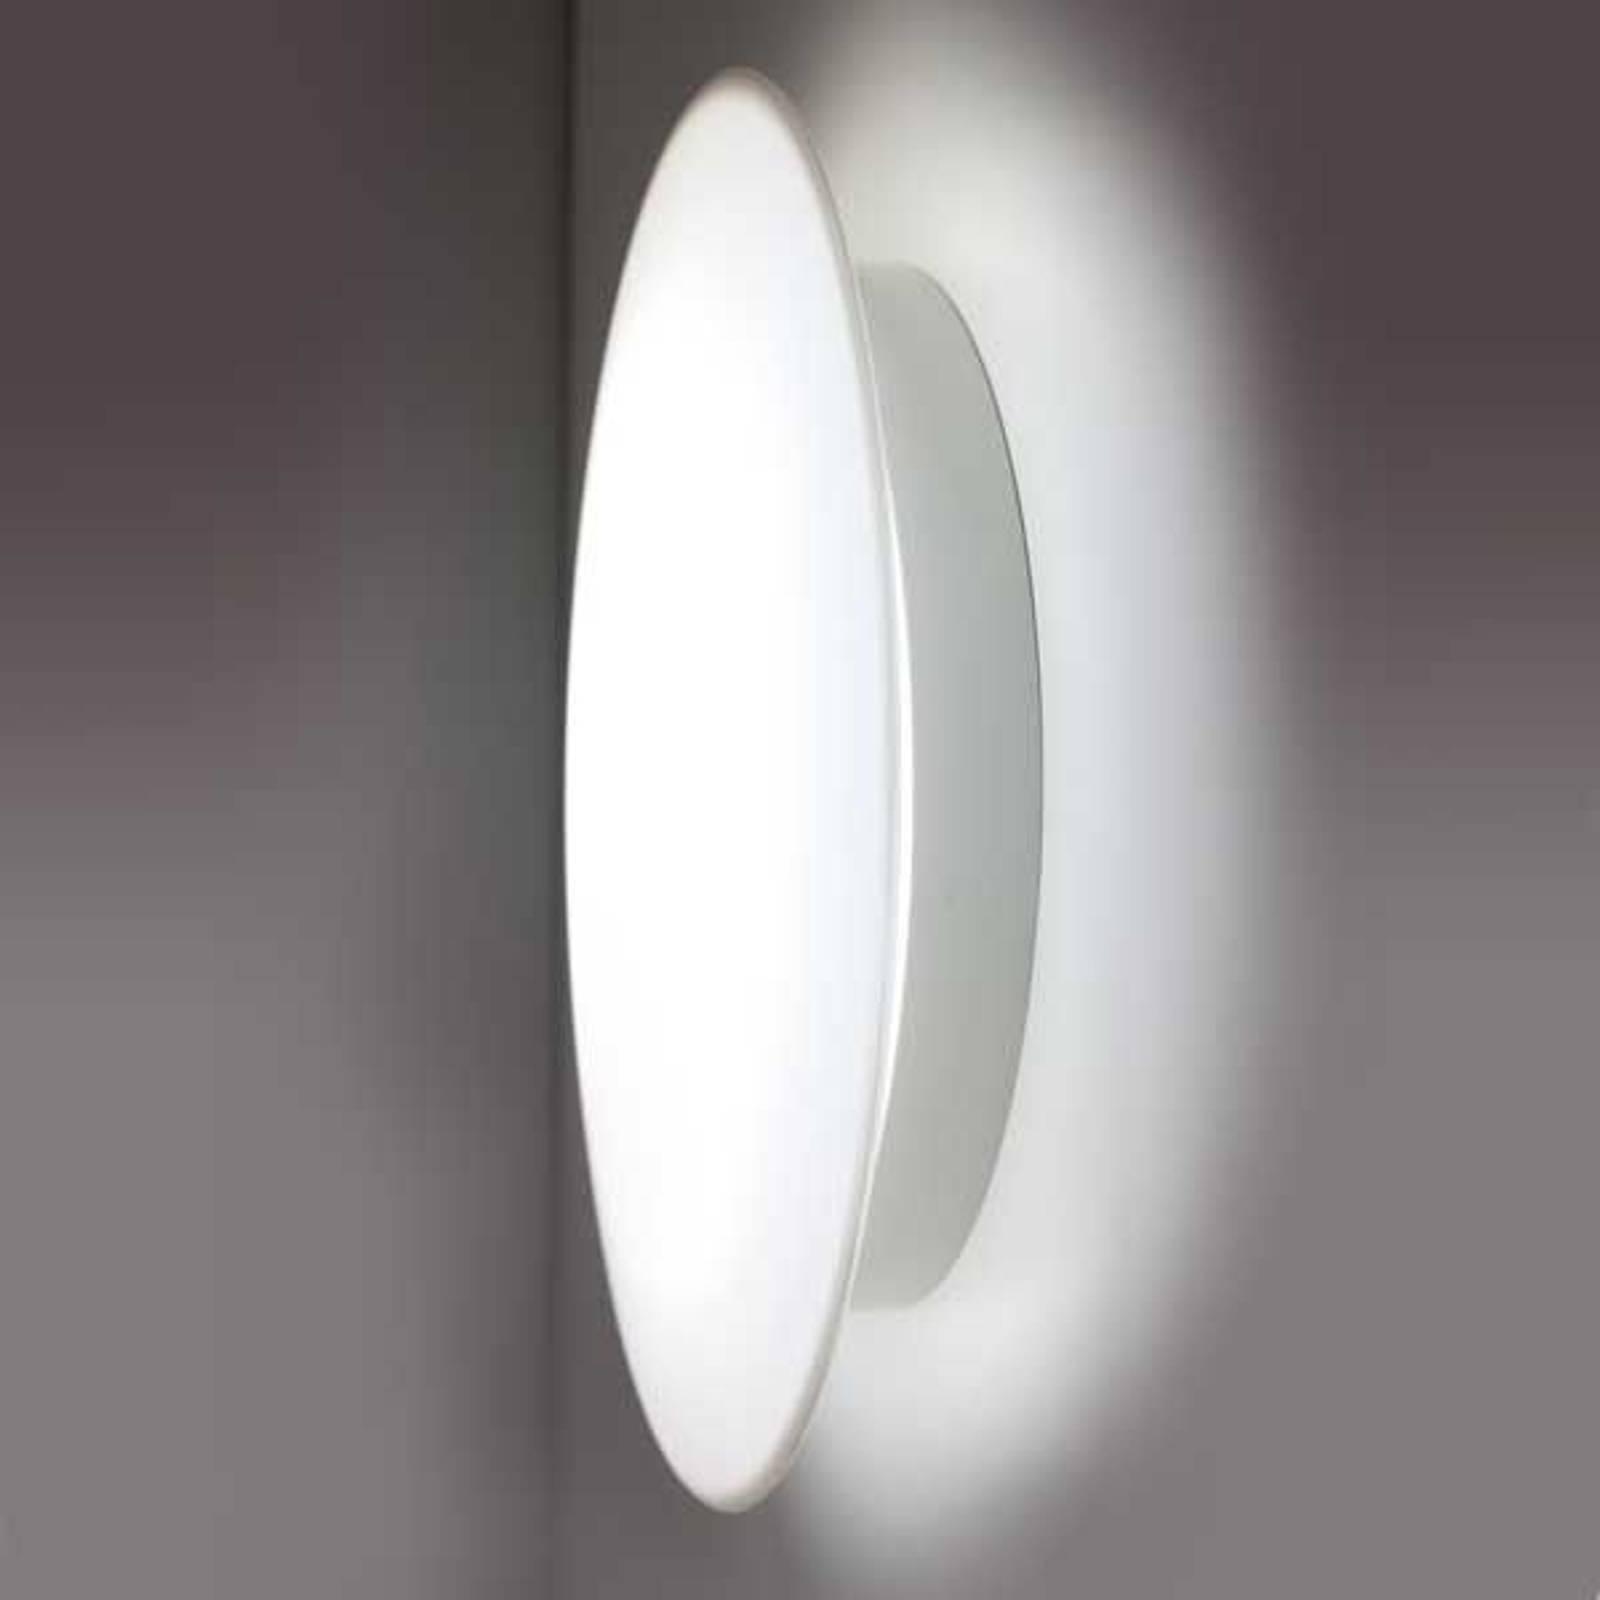 Bilde av Fremtidsrettet Sun 3 Led-lampe I Hvitt, 18 W 4 K